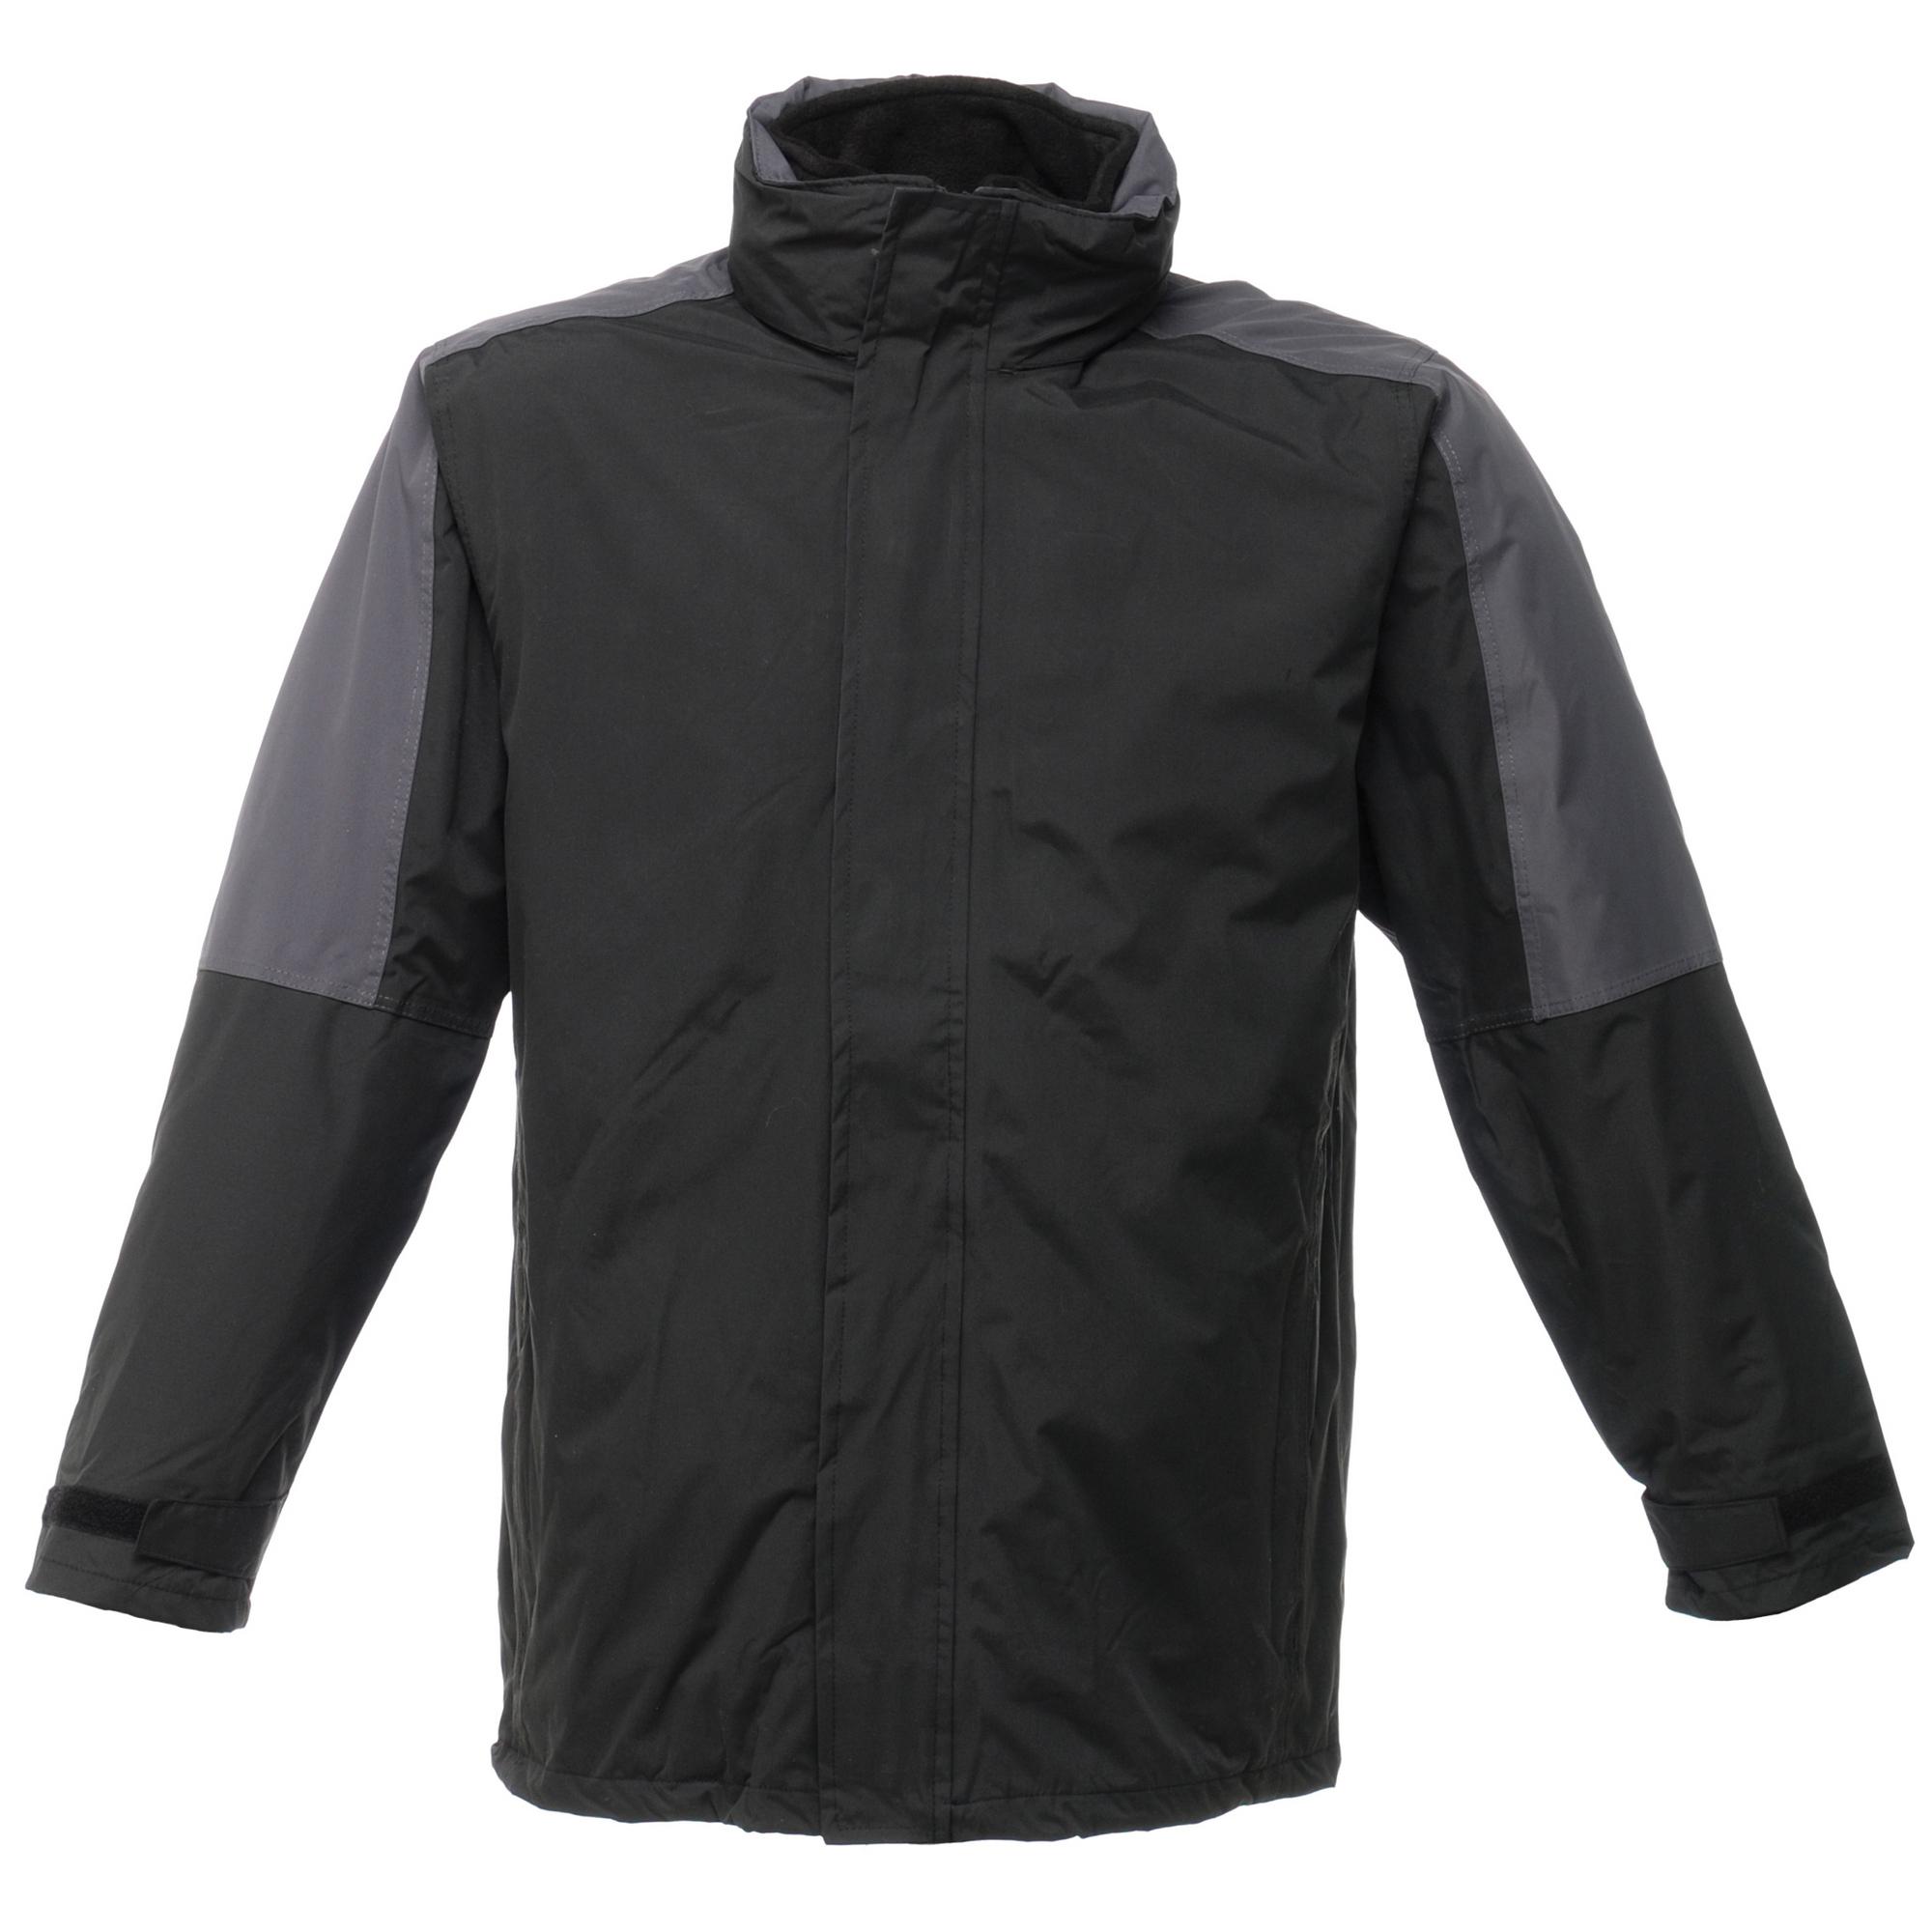 Regatta Mens Defender III 3-In-1 Jacket (Waterproof & Windproof) (M) (Black/Seal Grey)